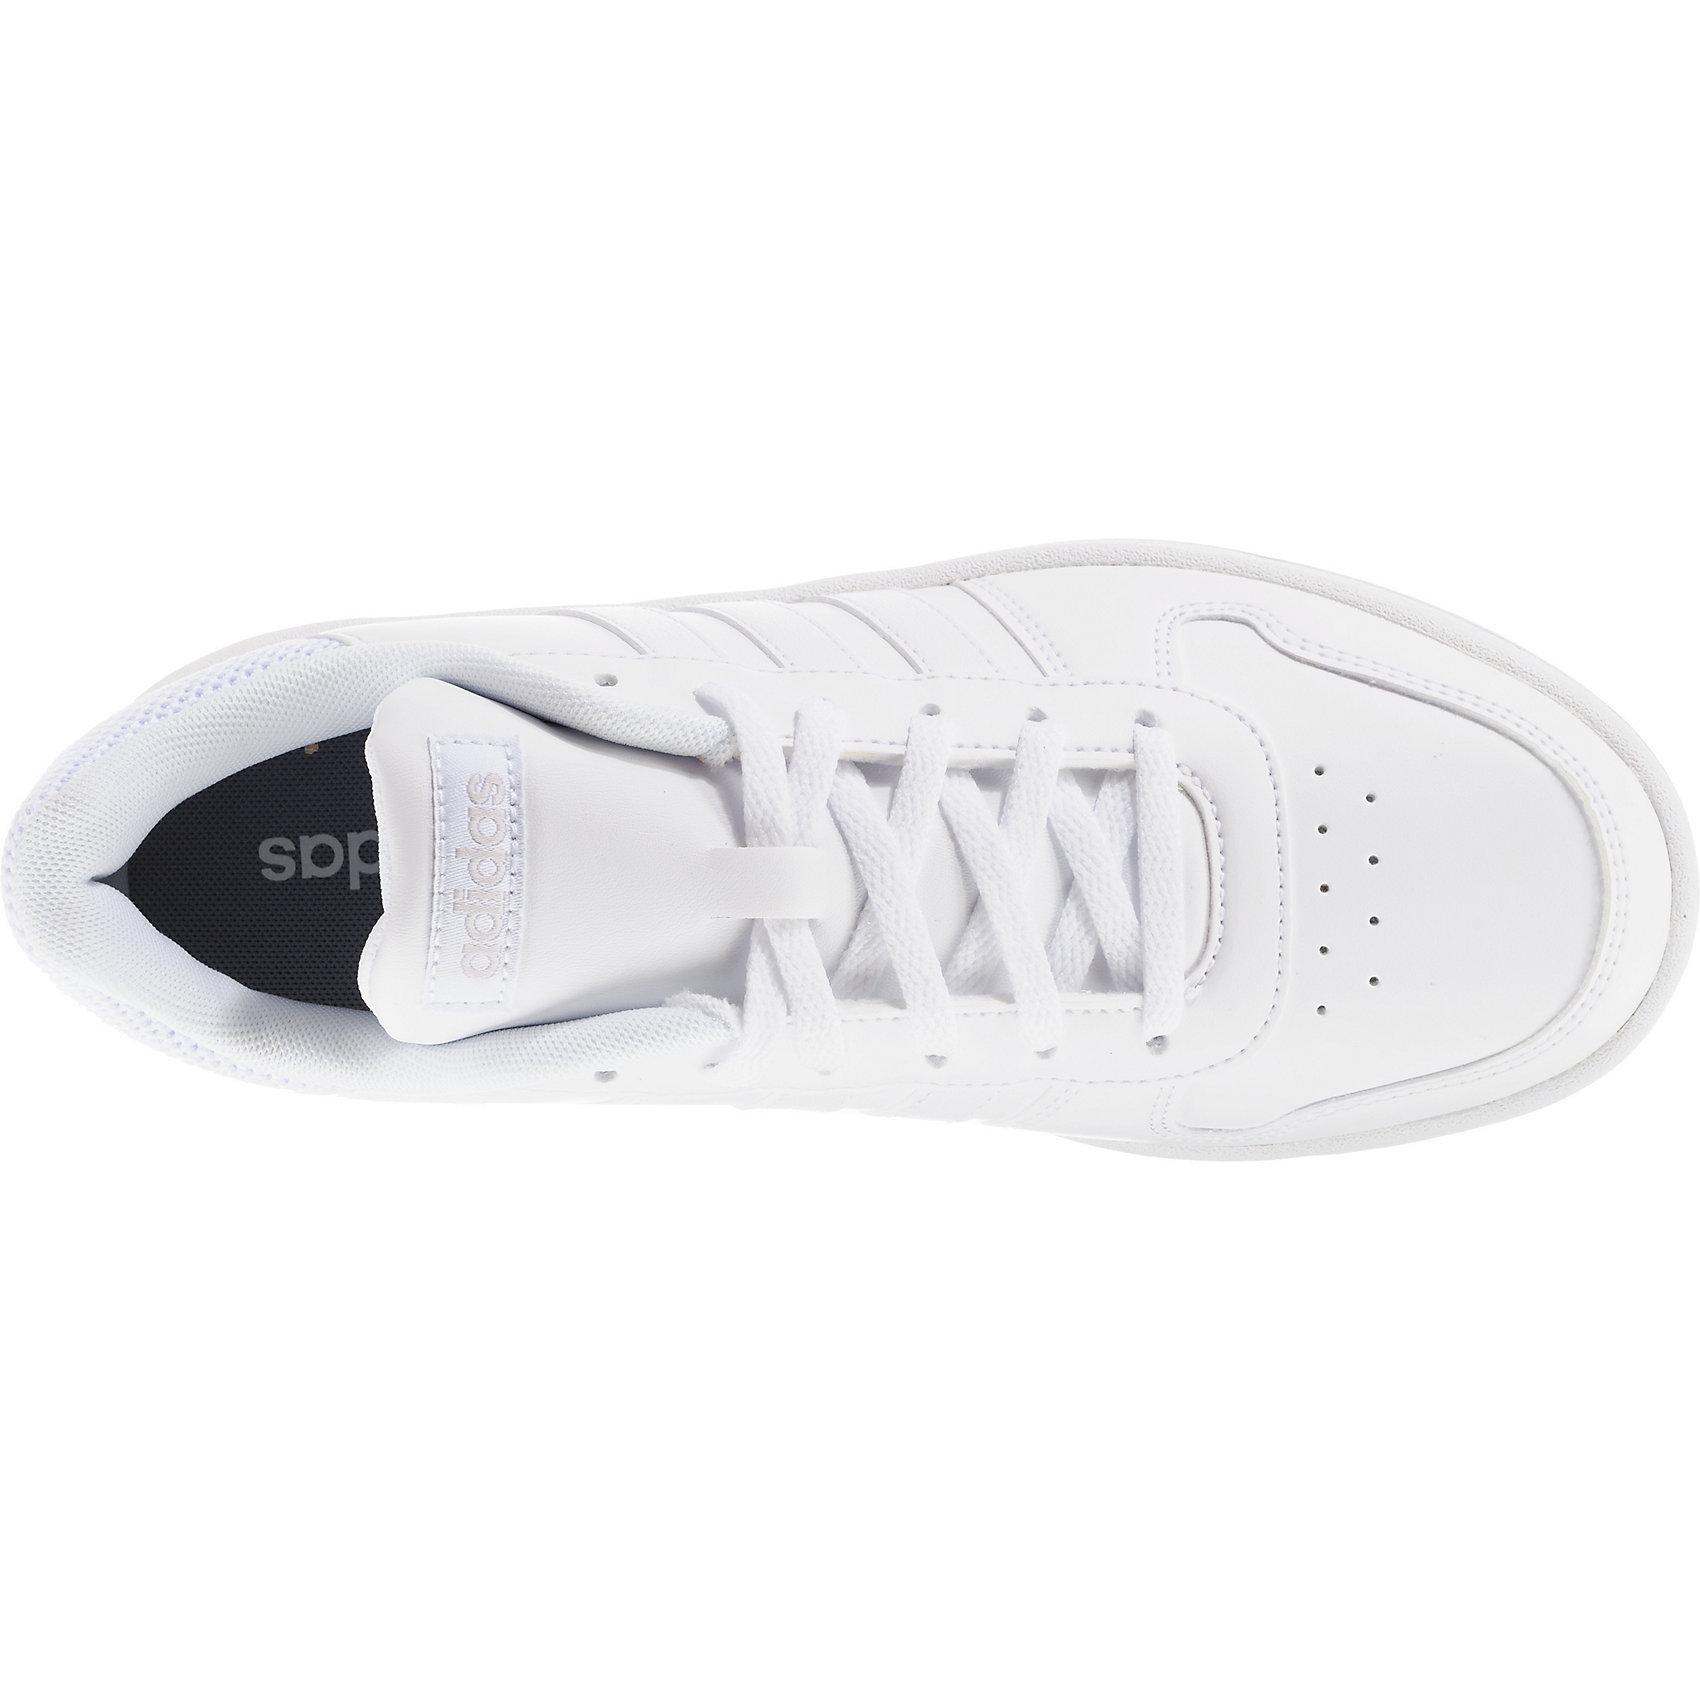 Neu adidas Sport Inspirot Hoops 2.0 Turnschuhe Low Low Low 8340579 für Damen weiß 1624e8